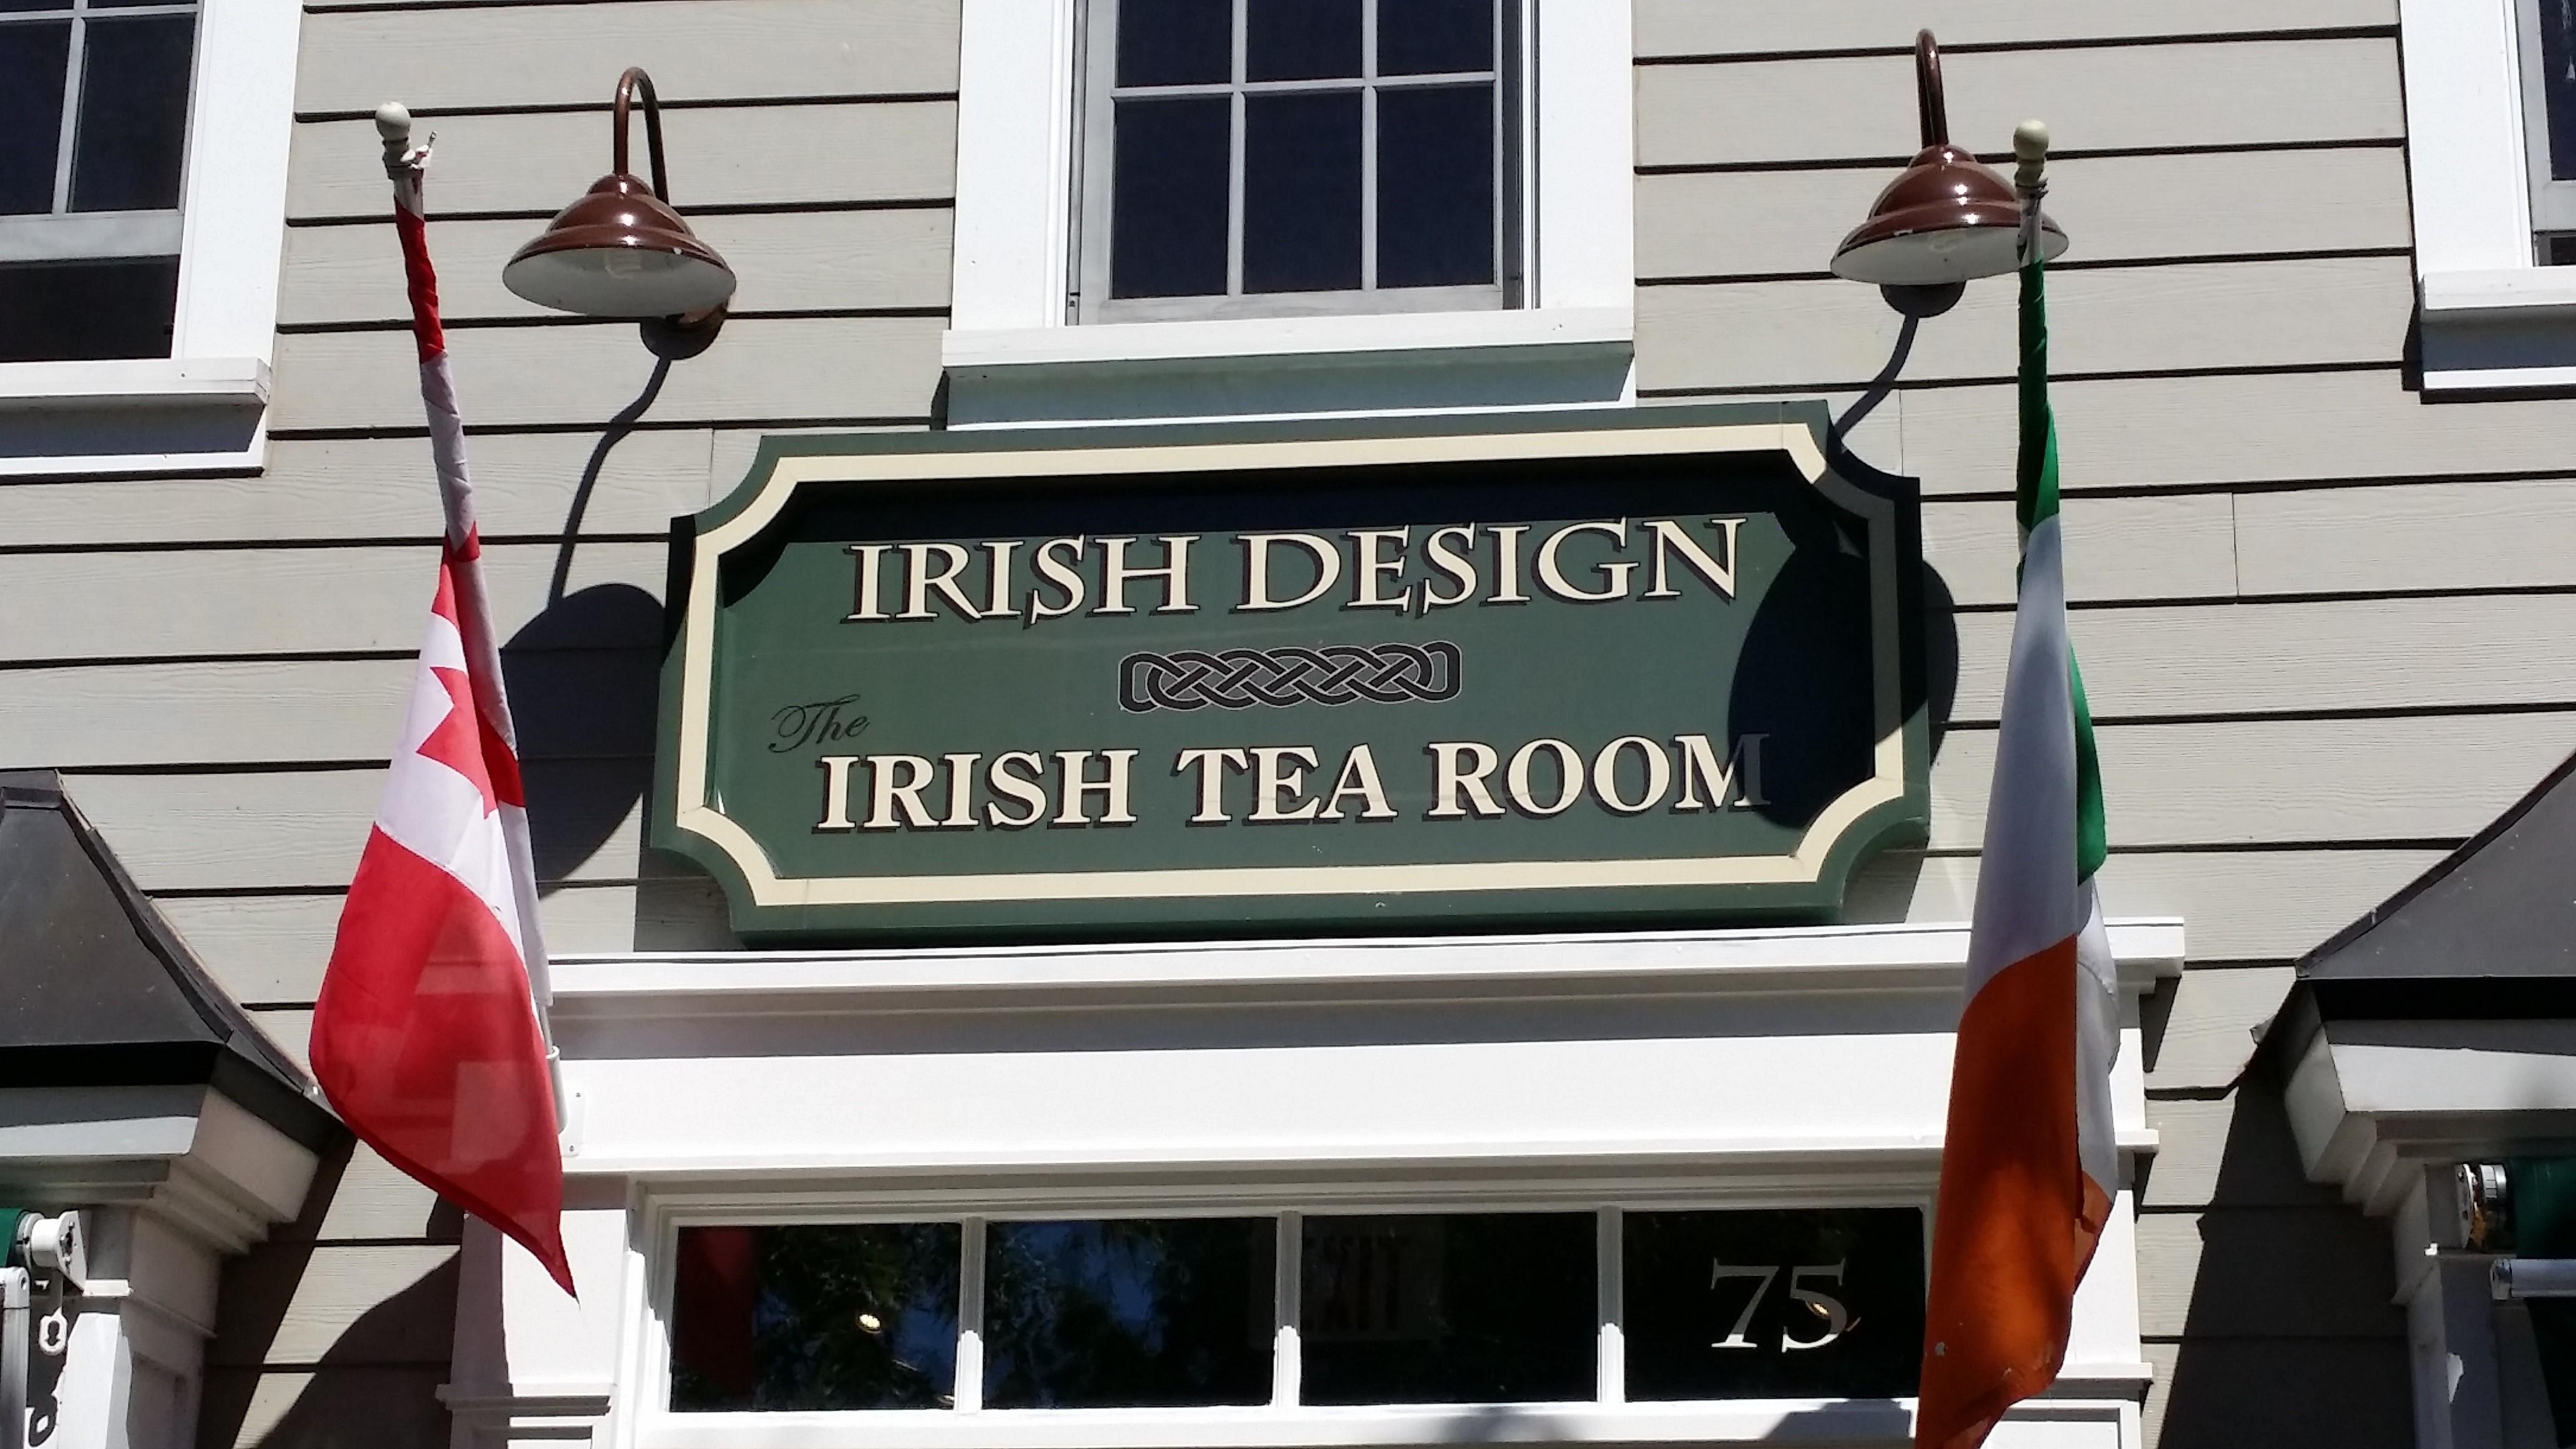 Dror Bar-Natan: AcademicPensieve: 2014-09: on irish pub, irish chocolate, dower house, irish waterfall, irish buffet, irish dome house, irish german, coffee house, spinning house, irish bath house, irish garden, irish shed, irish asian, irish soup, jasmine house, irish home, irish balcony, english cottage house, irish fine dining,